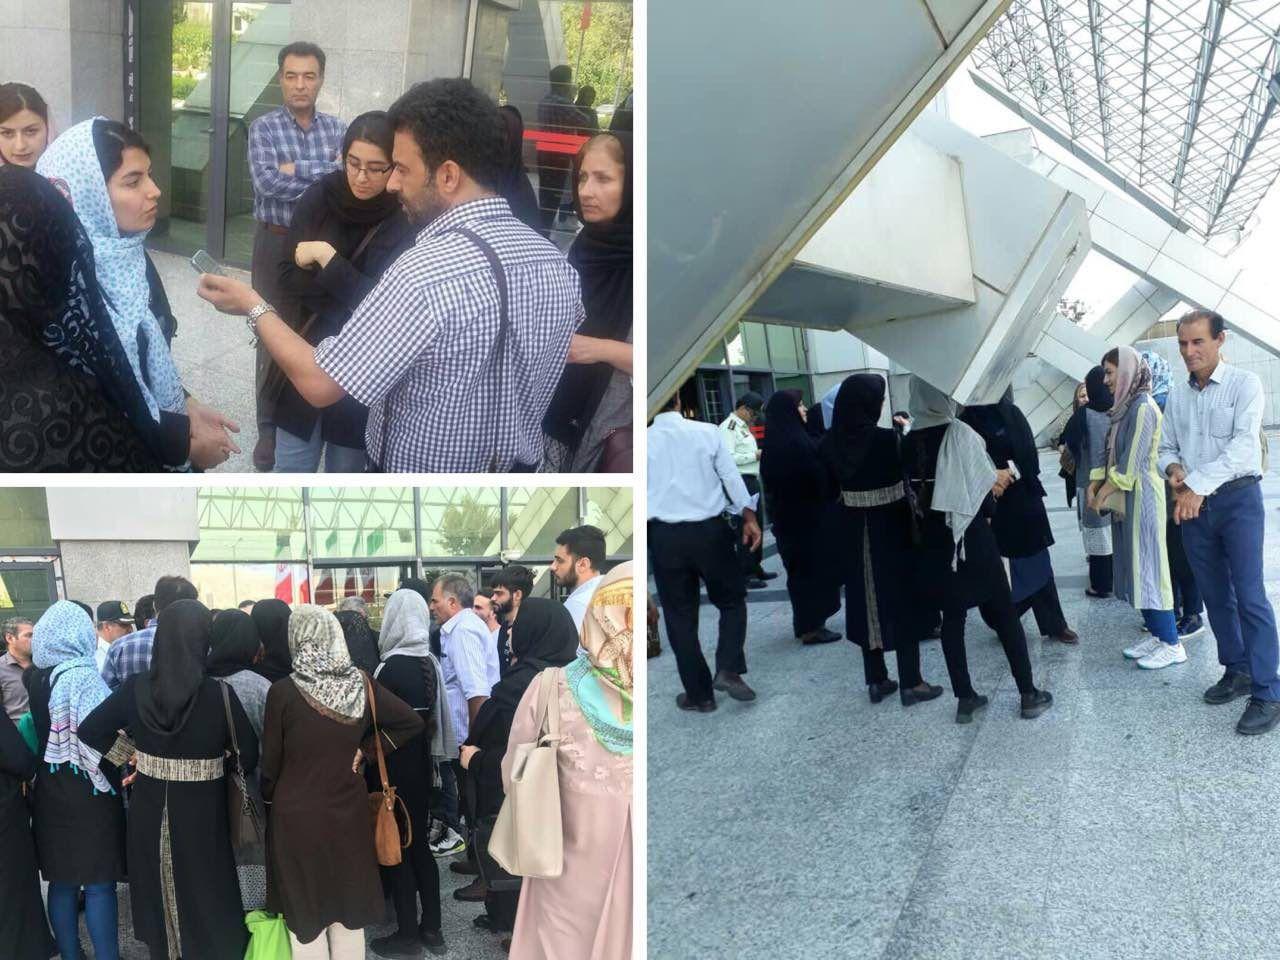 تجمع خانواده دانشجویان مقابل وزارت بهداشت + عکس